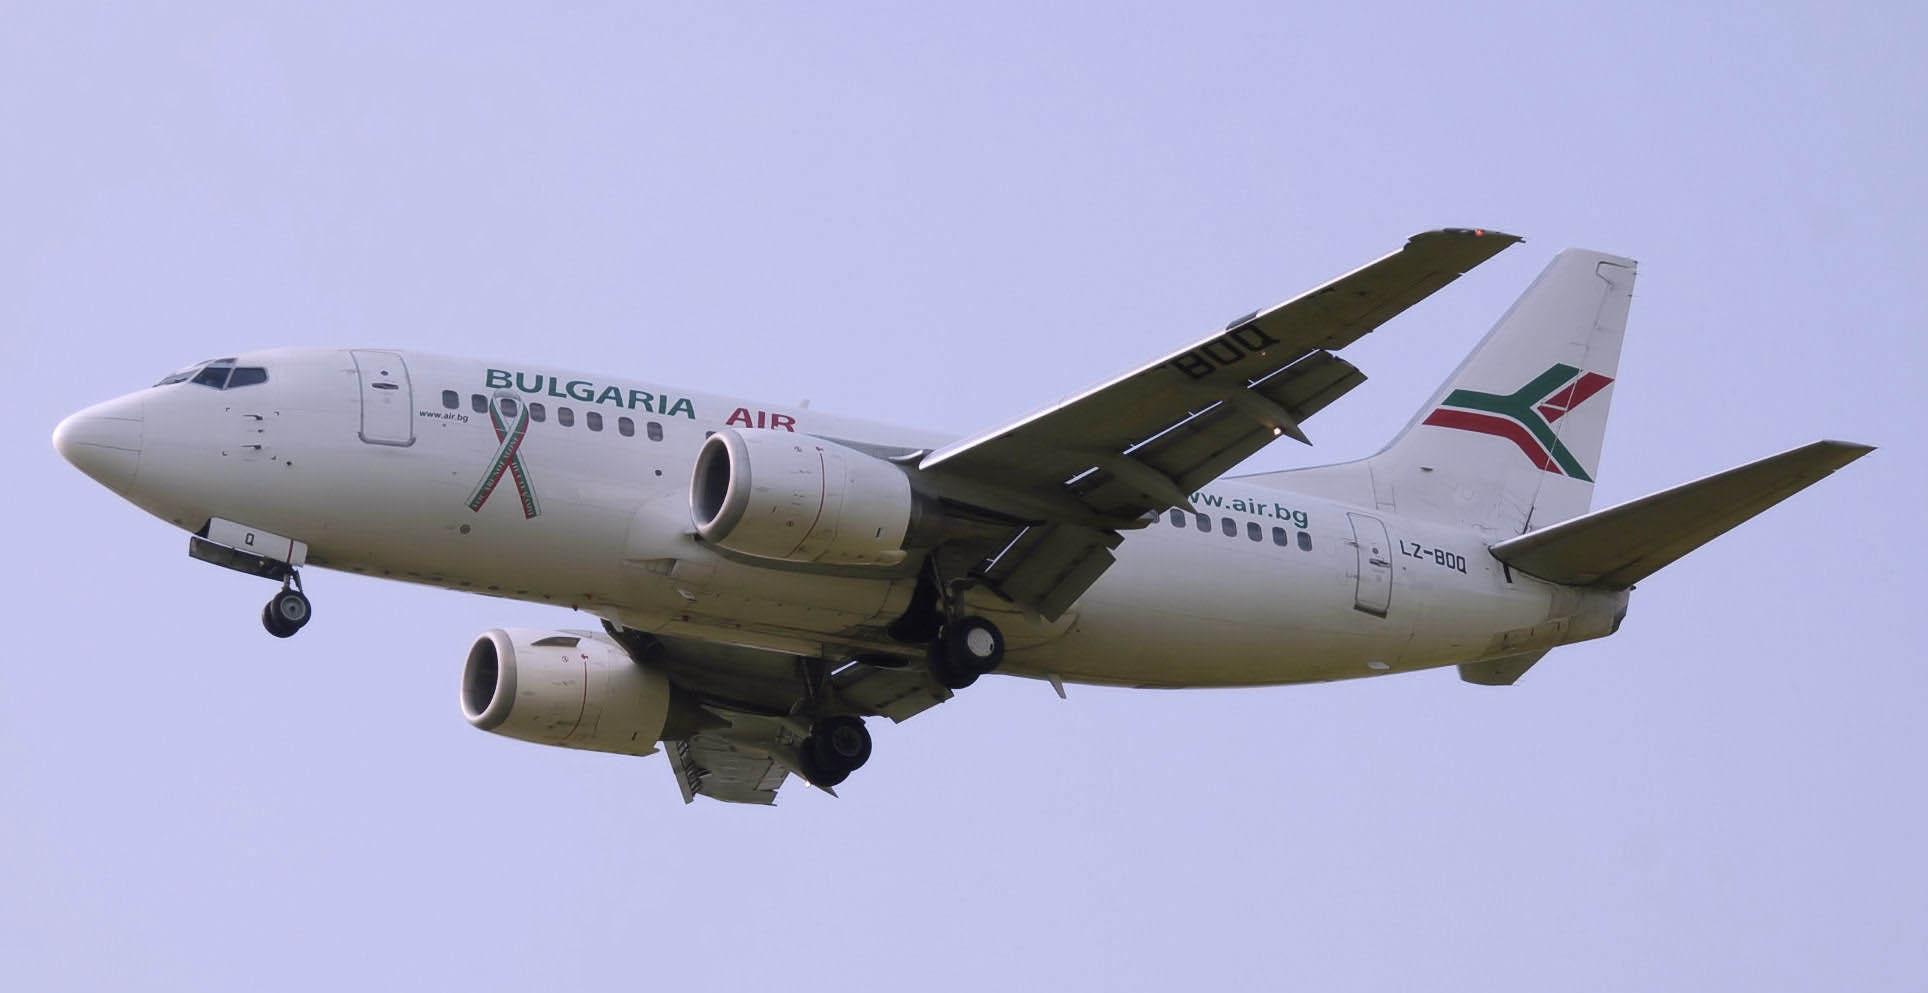 A maior companhia aérea búlgara não é lá muito bem vista pelos passageiros — vide sua avaliação negativa no ranking Skytrax